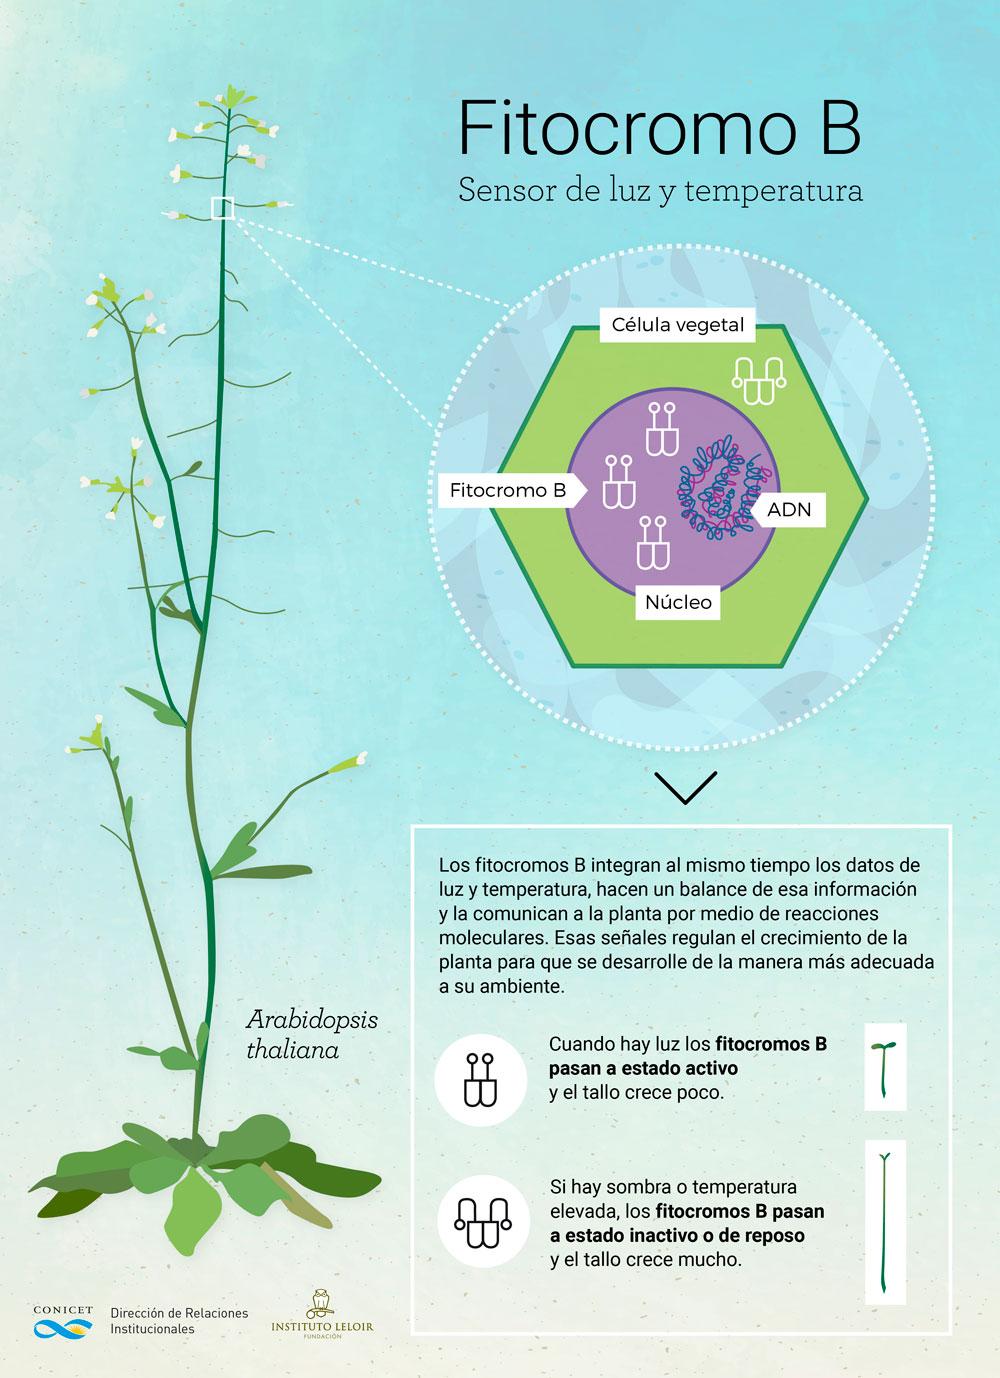 """Casal y su equipo comprobaron que un receptor lumínico de los vegetales también actúa como """"termómetro"""" e influye sobre su crecimiento y desarrollo"""